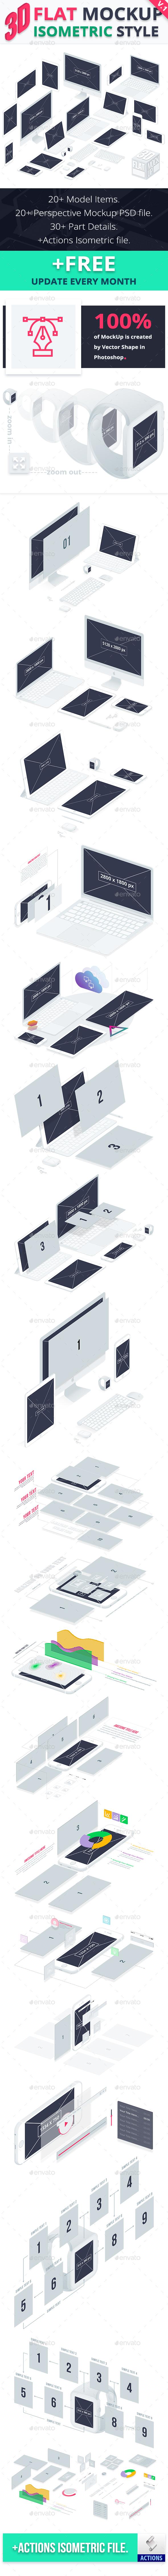 3D Flat Mockup Screen - Isometric